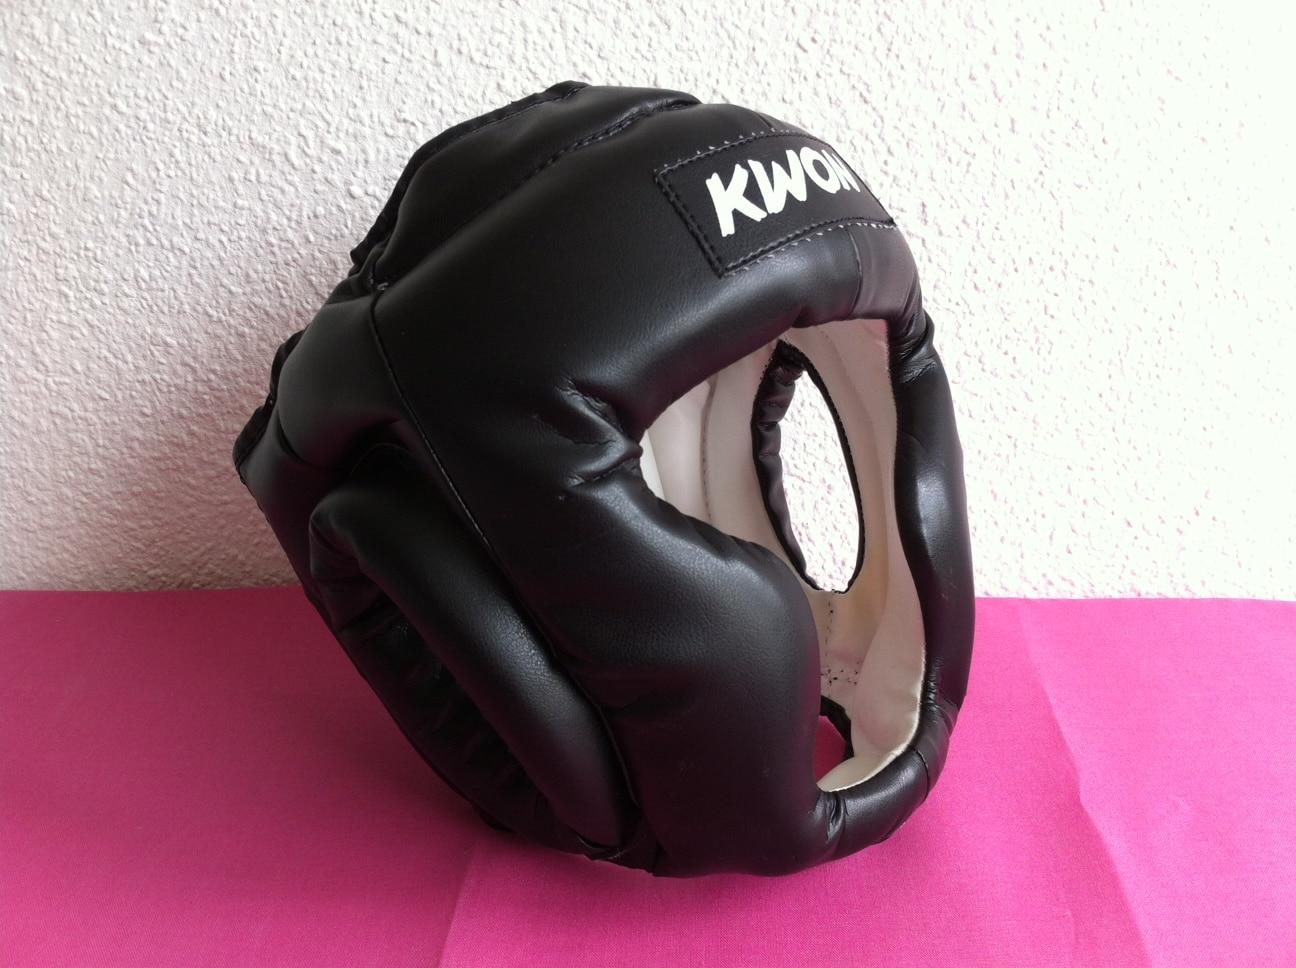 """Kopfschutz """"Kick Thai"""" von KWON"""